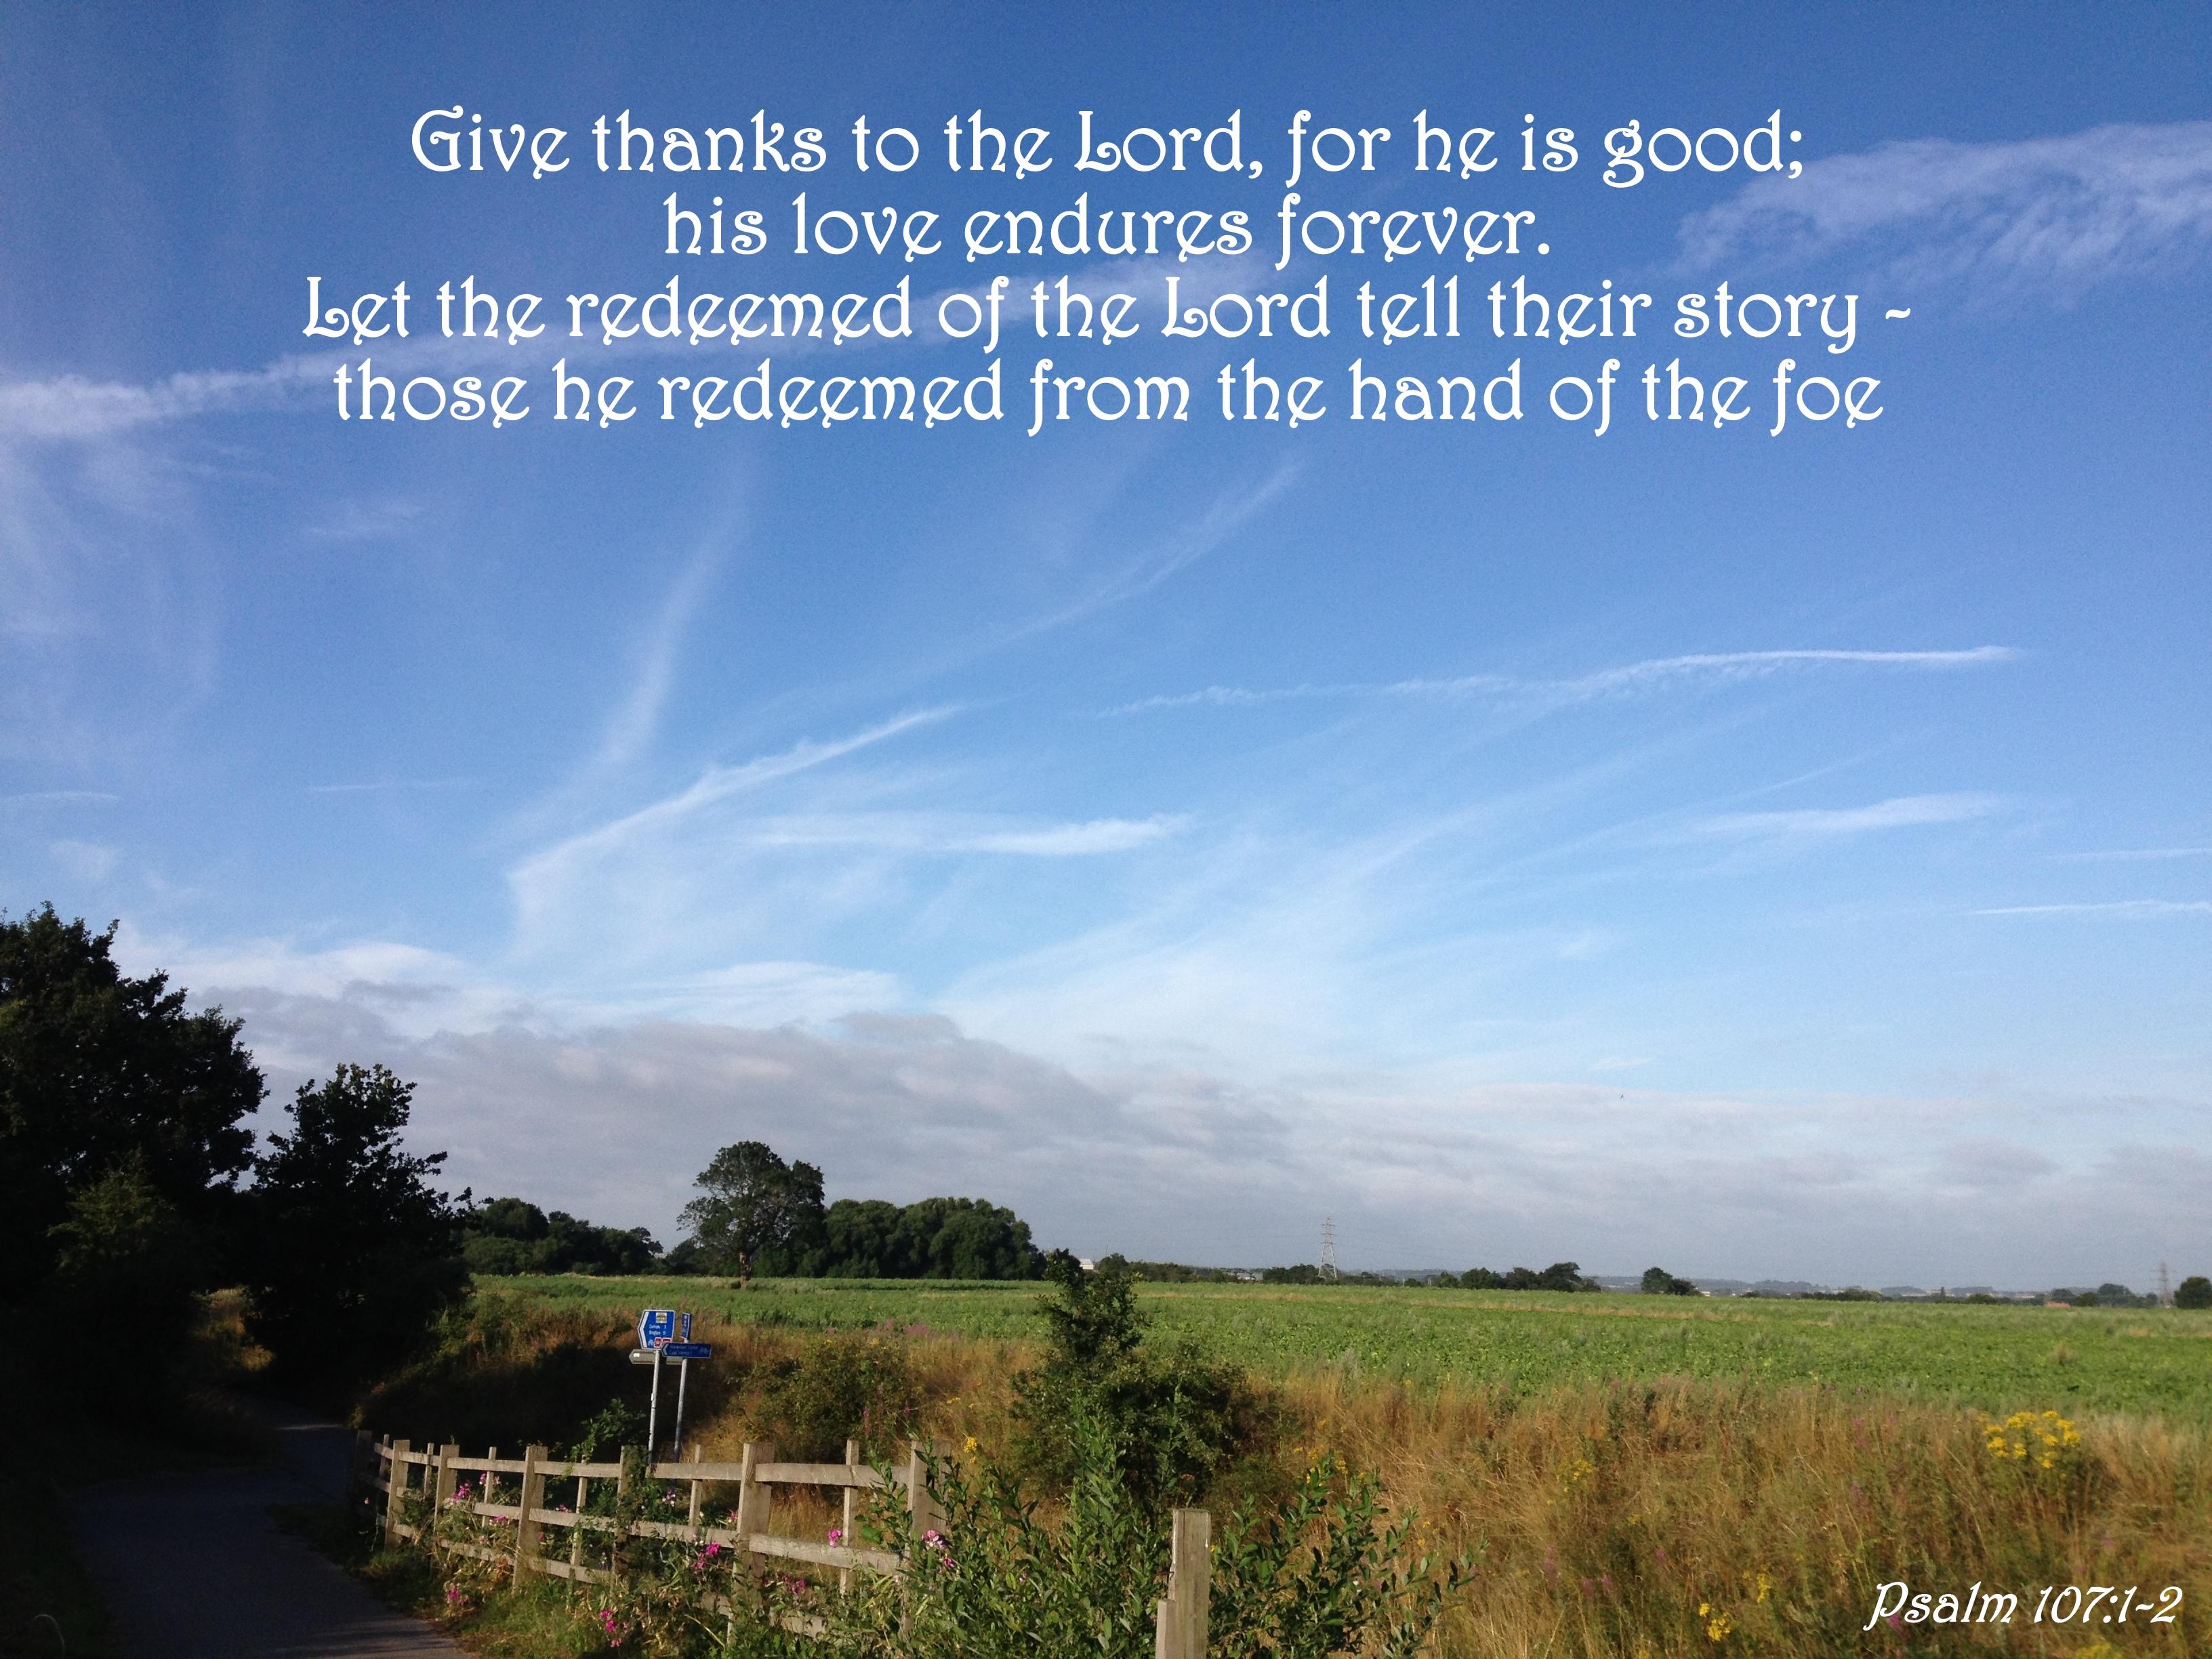 Kuvahaun tulos haulle Psalm 107:1